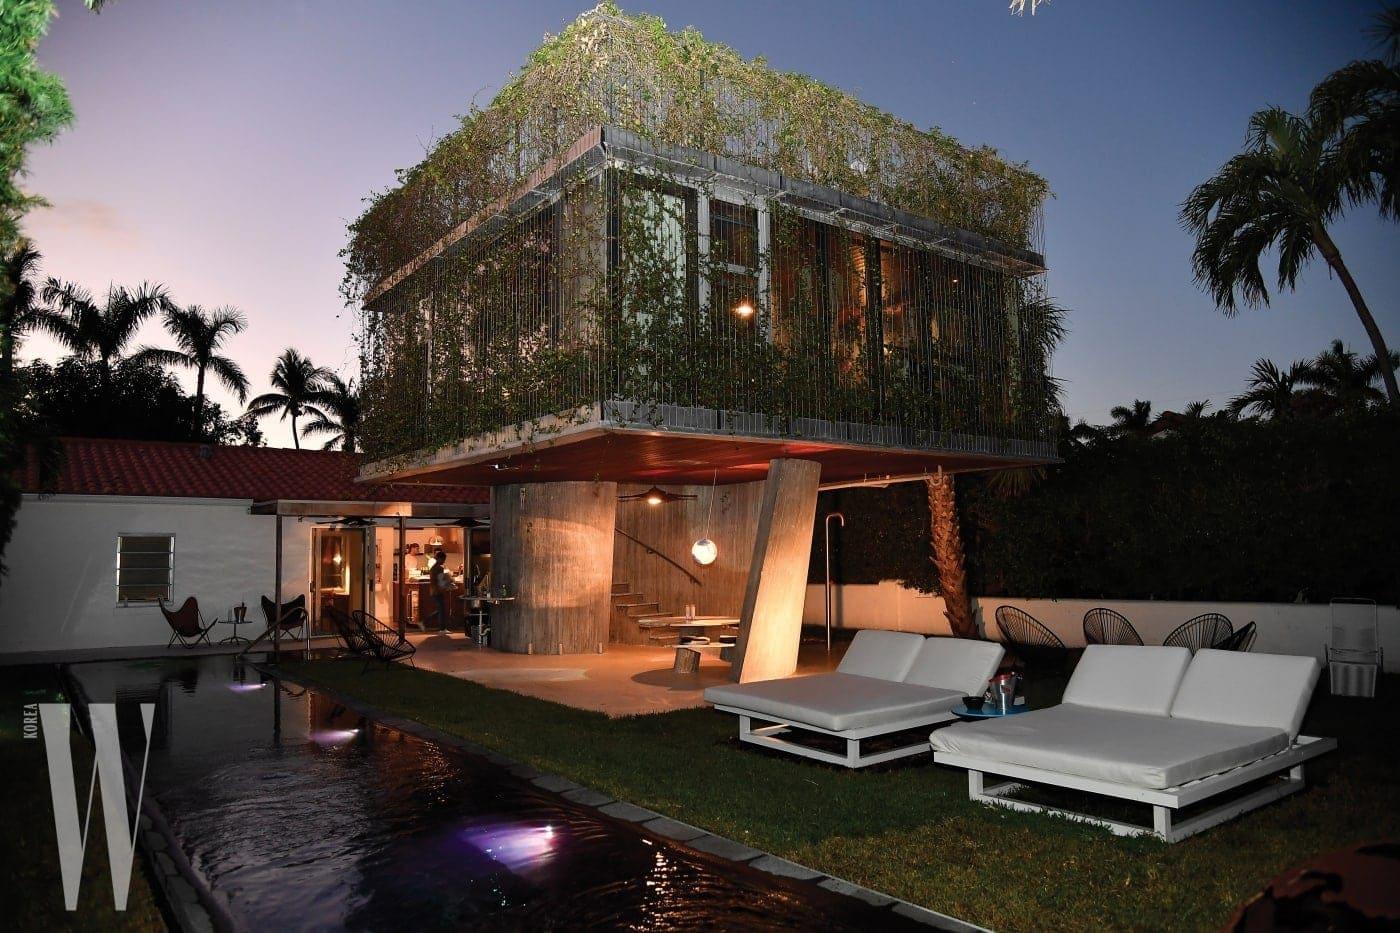 환상적인 저녁에 풀 파티가 펼쳐진 건축가 크리스천 바스만의 선 배스 하우스 전경.